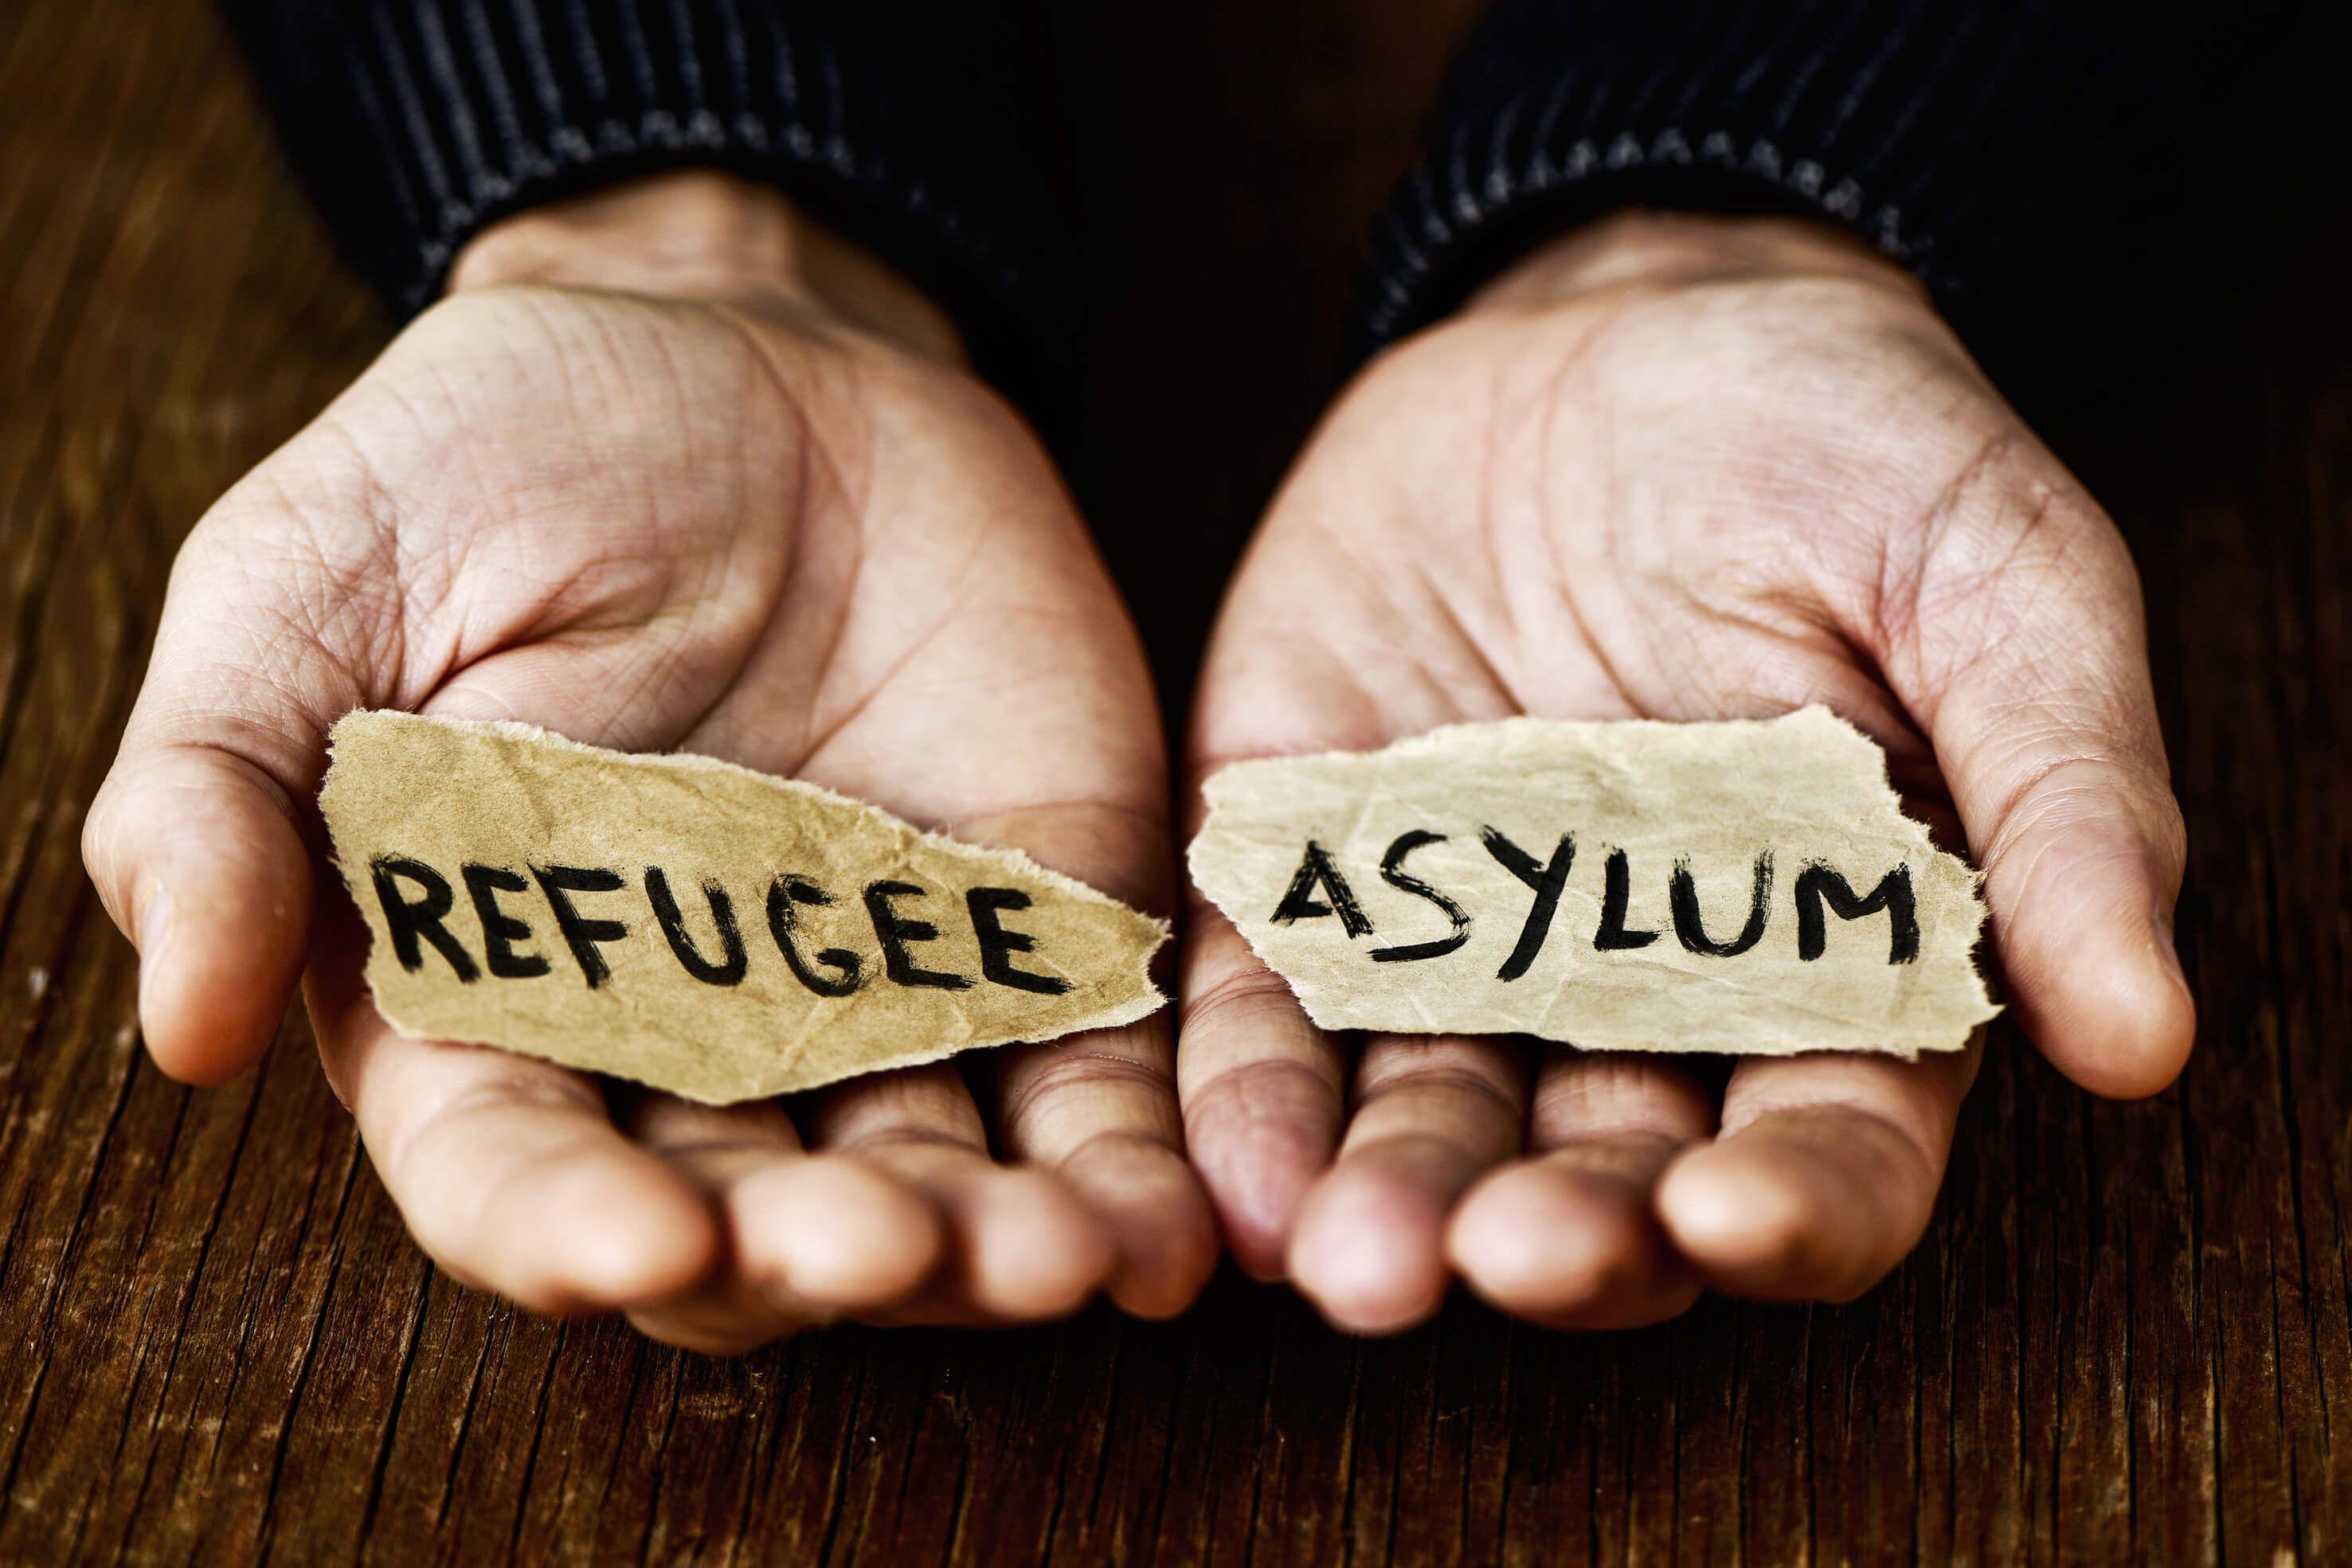 Grundrecht auf faires Verfahren bedroht. Wir fordern: unabhängige Rechtsberatung für Asylsuchende!